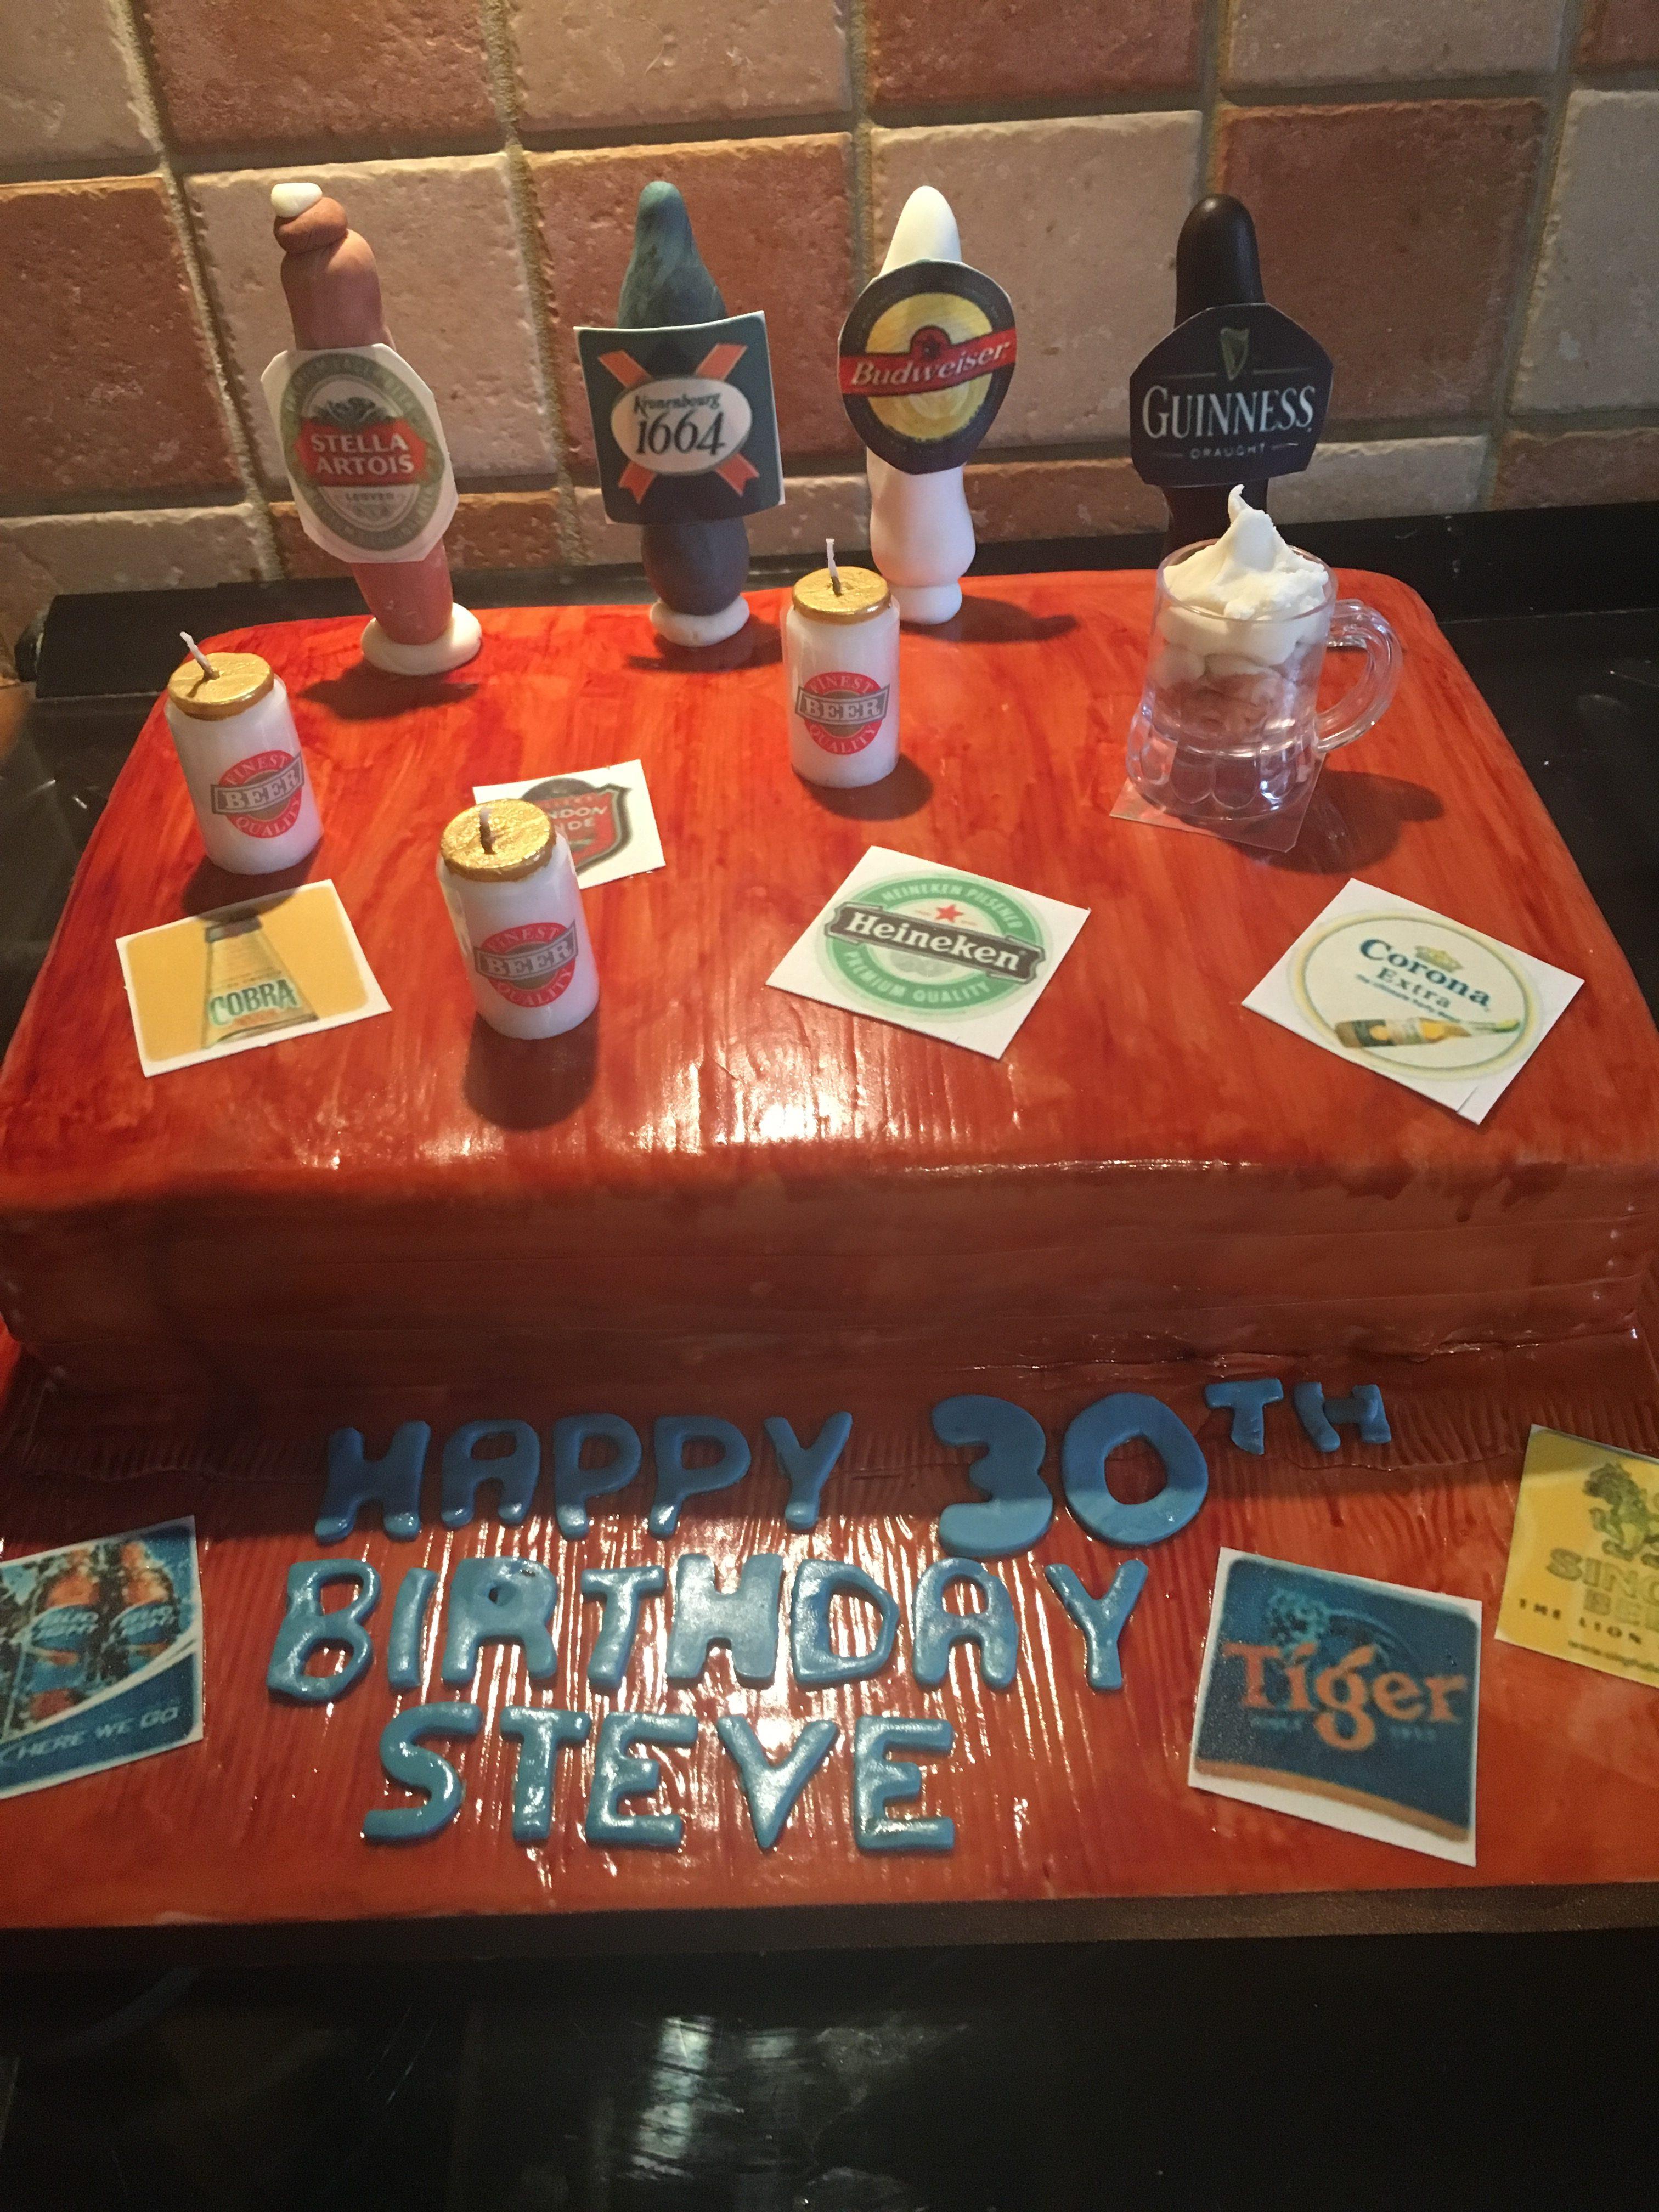 Cheers Birthday cake